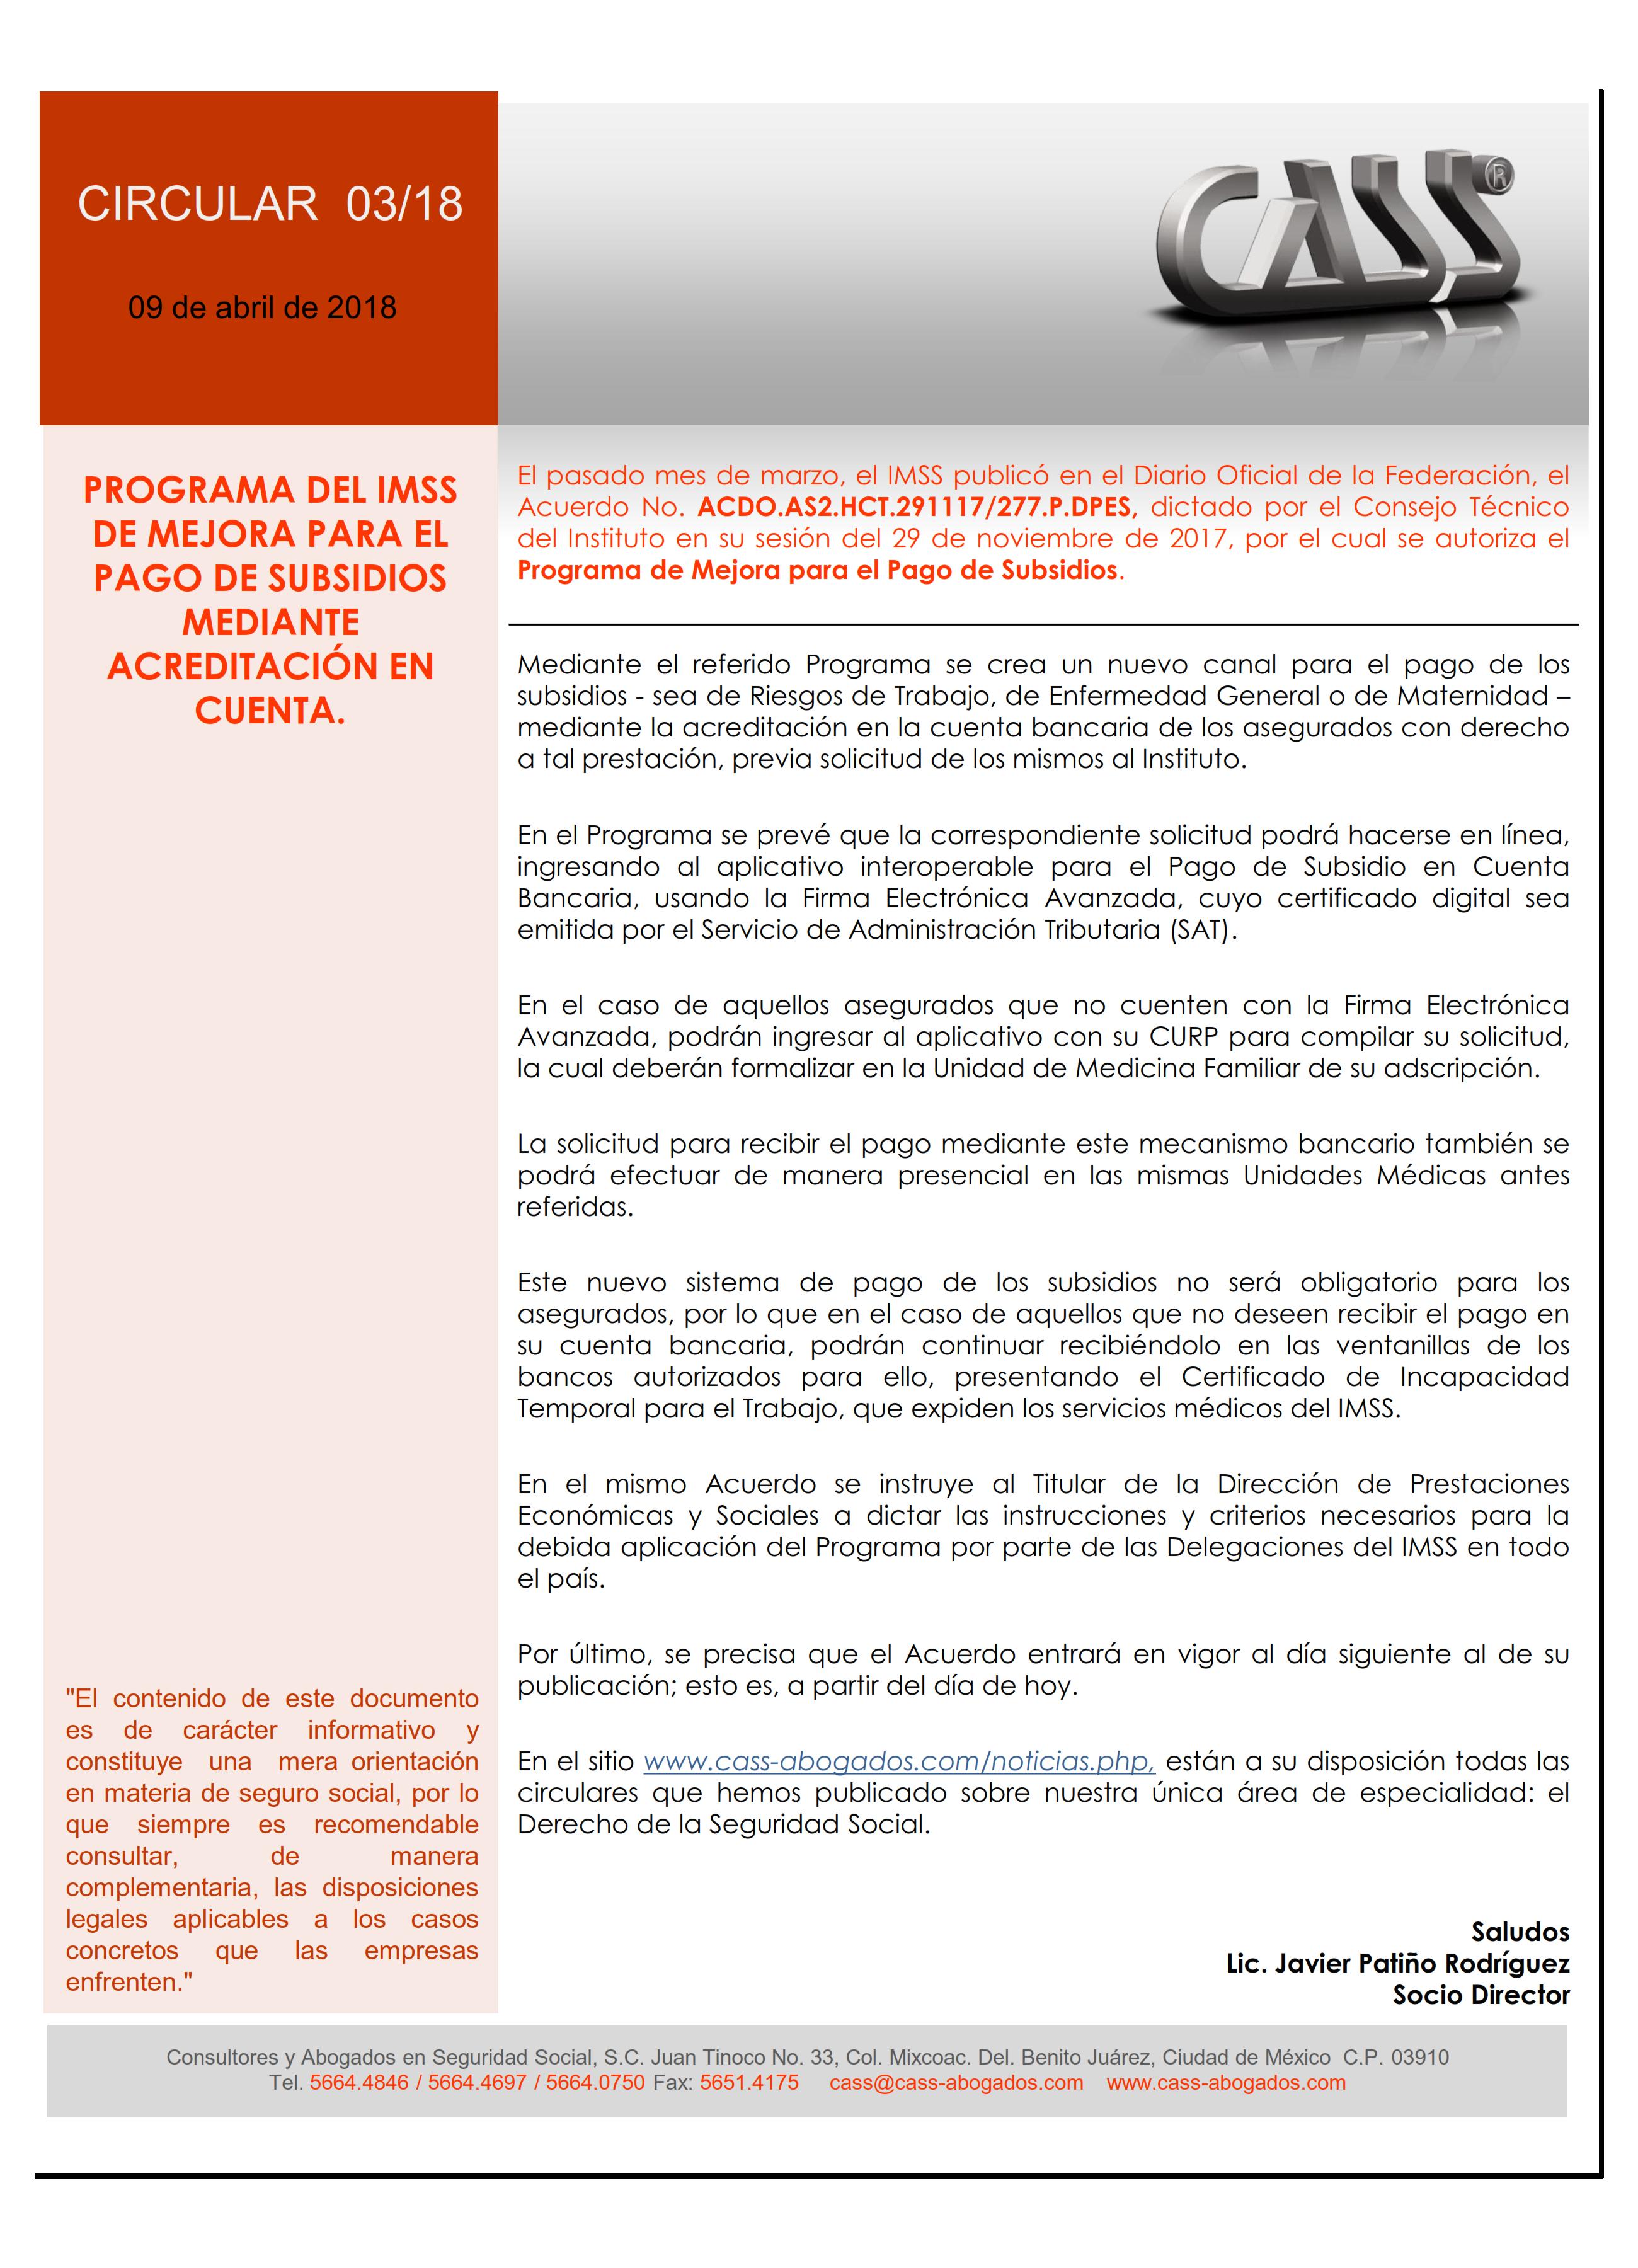 03-18 PROGRAMA DEL IMSS DE MEJORA PARA EL PAGO DE SUBSIDIOS MEDIANTE ACREDITACION EN CUENTA_001